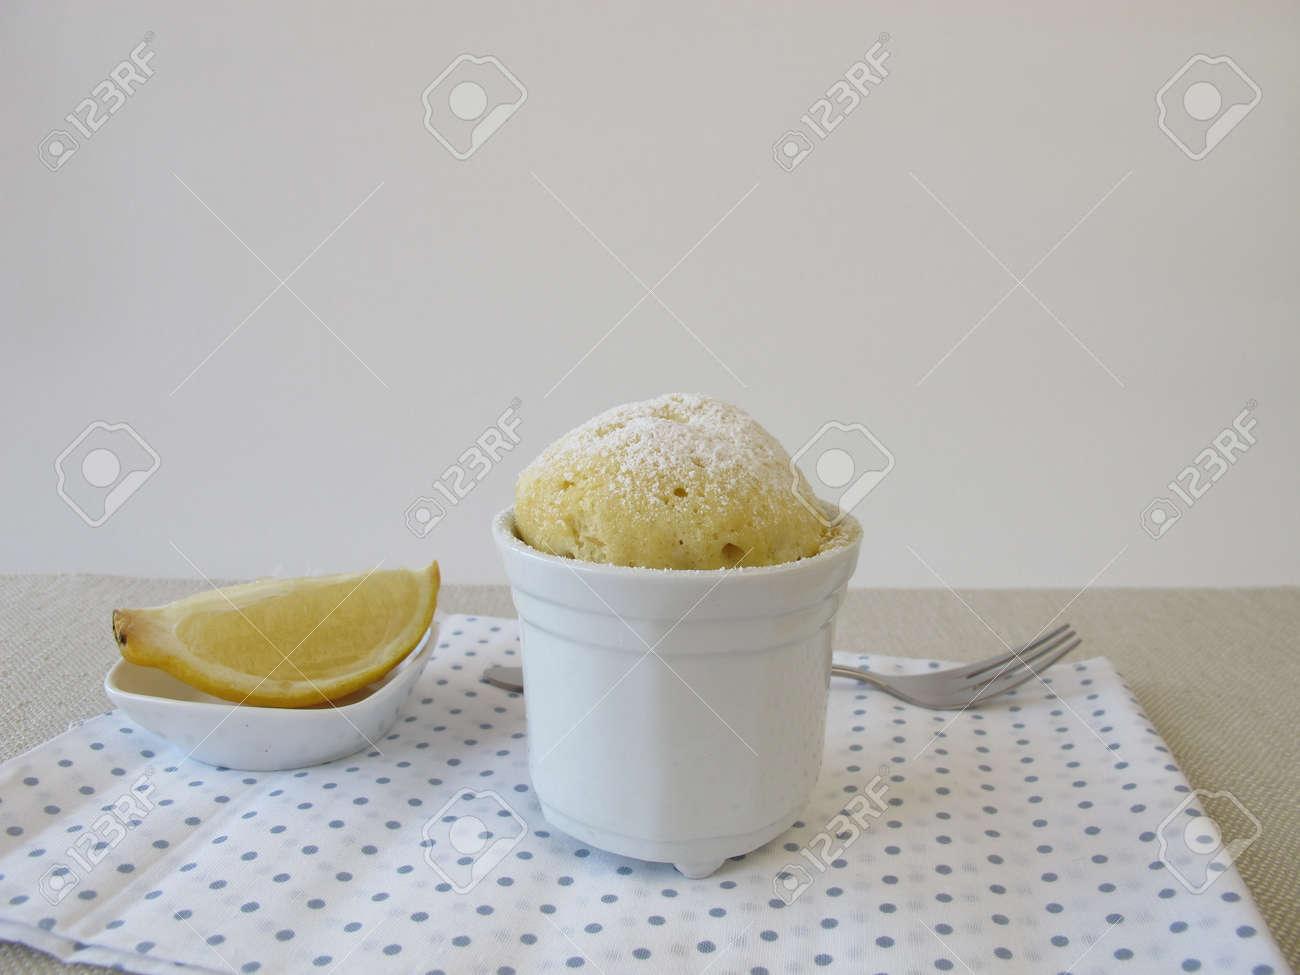 Lemon Tasse Kuchen Aus Mikrowellen Lizenzfreie Fotos Bilder Und